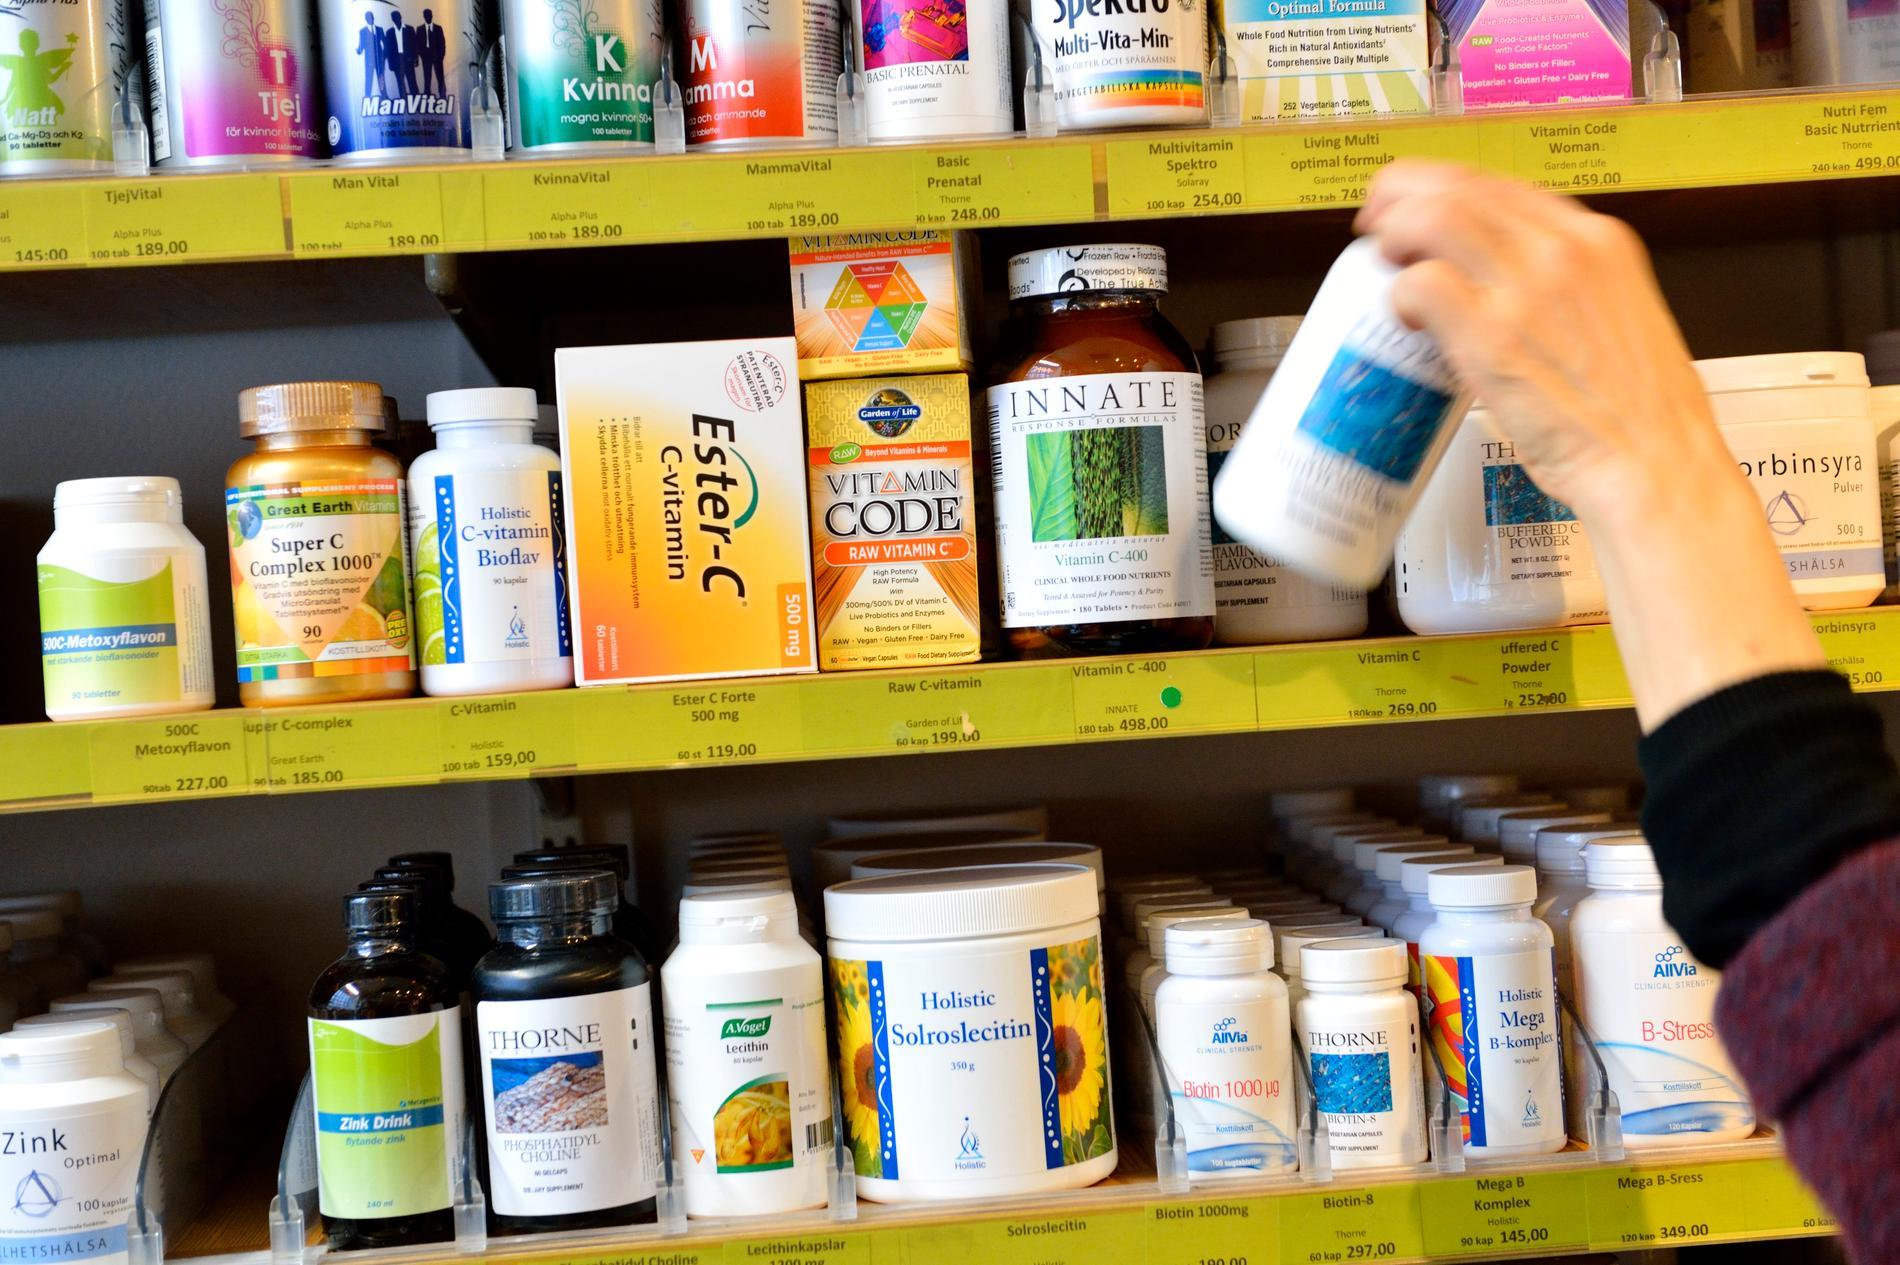 Fler svenskar köper vitaminer, mineraler och probiotika under coronapandemin – vilket har gett branschen ett uppsving. Arkivbild.